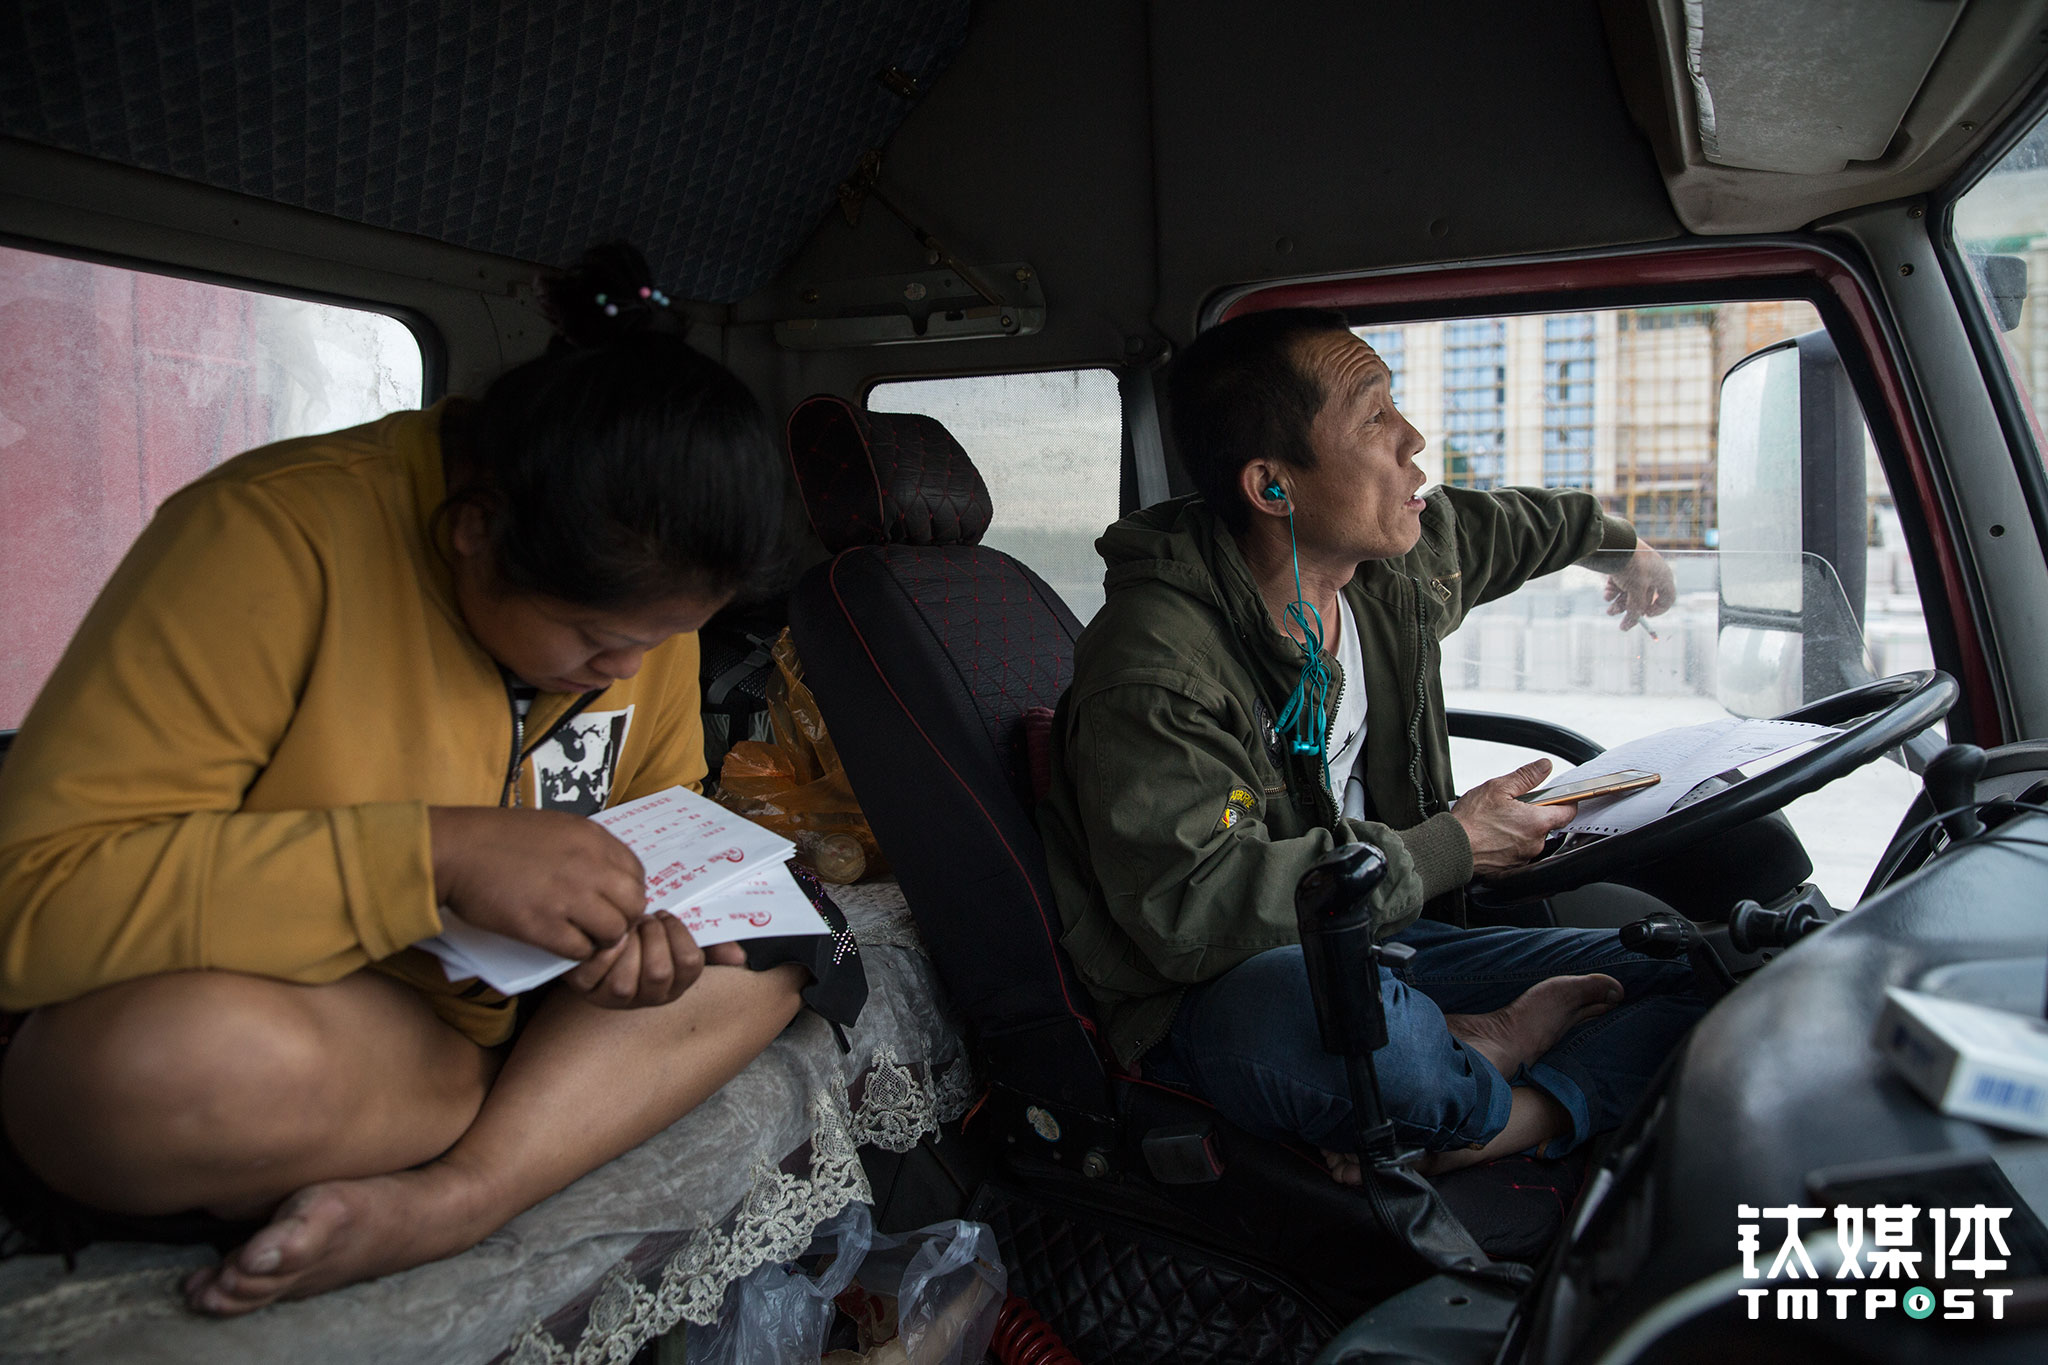 """最终他们还是没有赶在货主下班之前达到,只能在货主的工地等,第二天一早再卸。趁这间隙,俩人开始盘点接下来的计划。每次快到终点前,他们就会开始找下一票货。""""除了问问货站和朋友,还会在运满满这些软件上找找,我们这车上海来的货有一大半是上海那个货站在运满满上找来的。""""金强说,自己不太懂操作,都是王静沟通联系,联系好了可以直接装车。"""